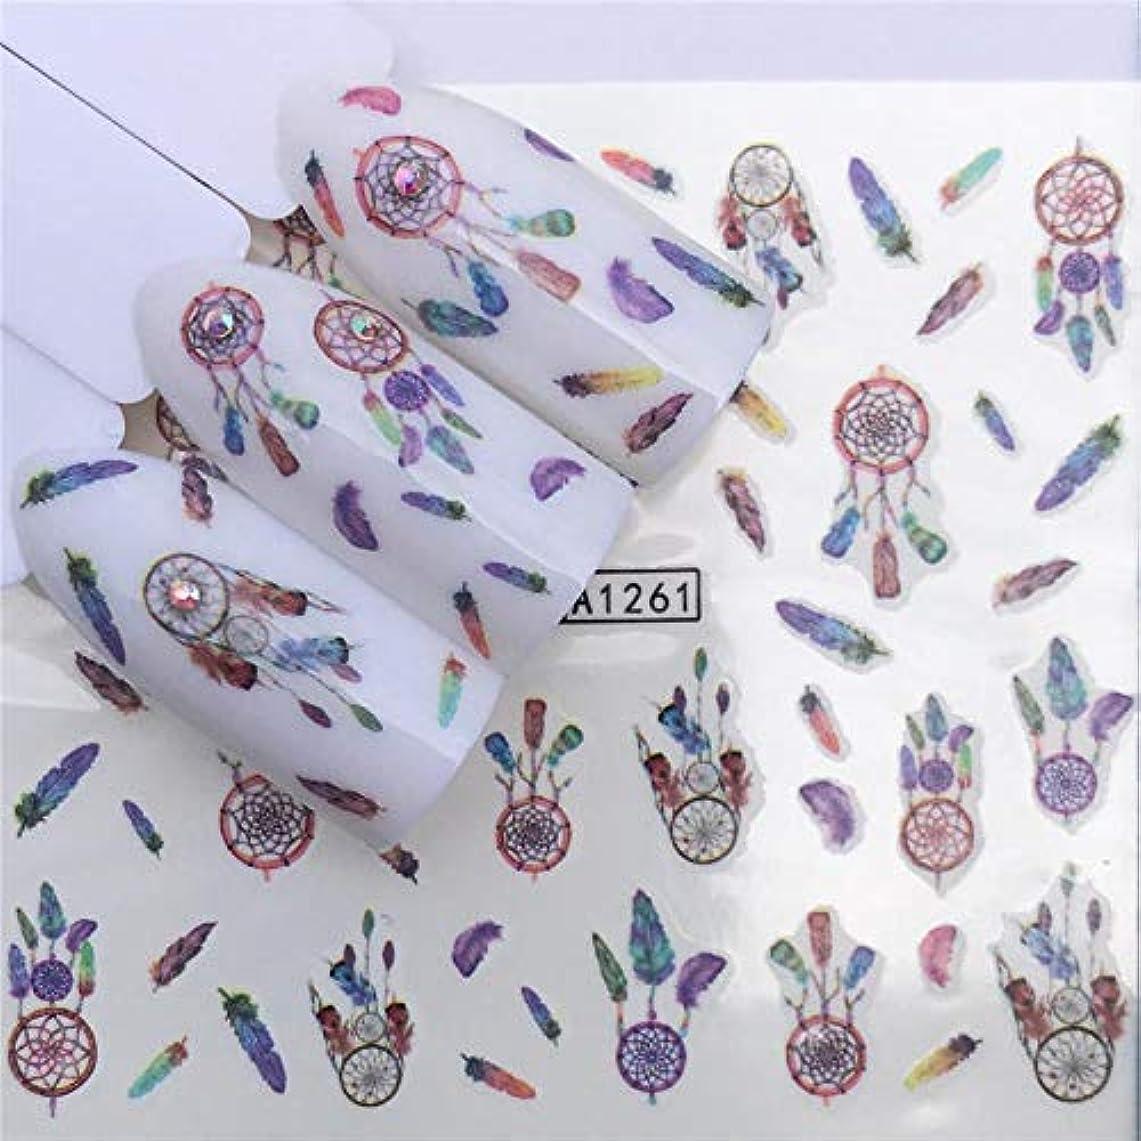 受け入れ祭り孤独SUKTI&XIAO ネイルステッカー 10スタイル漫画ネイルステッカー水デカール花透かしインクスライダー用ネイルアート装飾ジェルネイルアクセサリー、Yzw-A1261